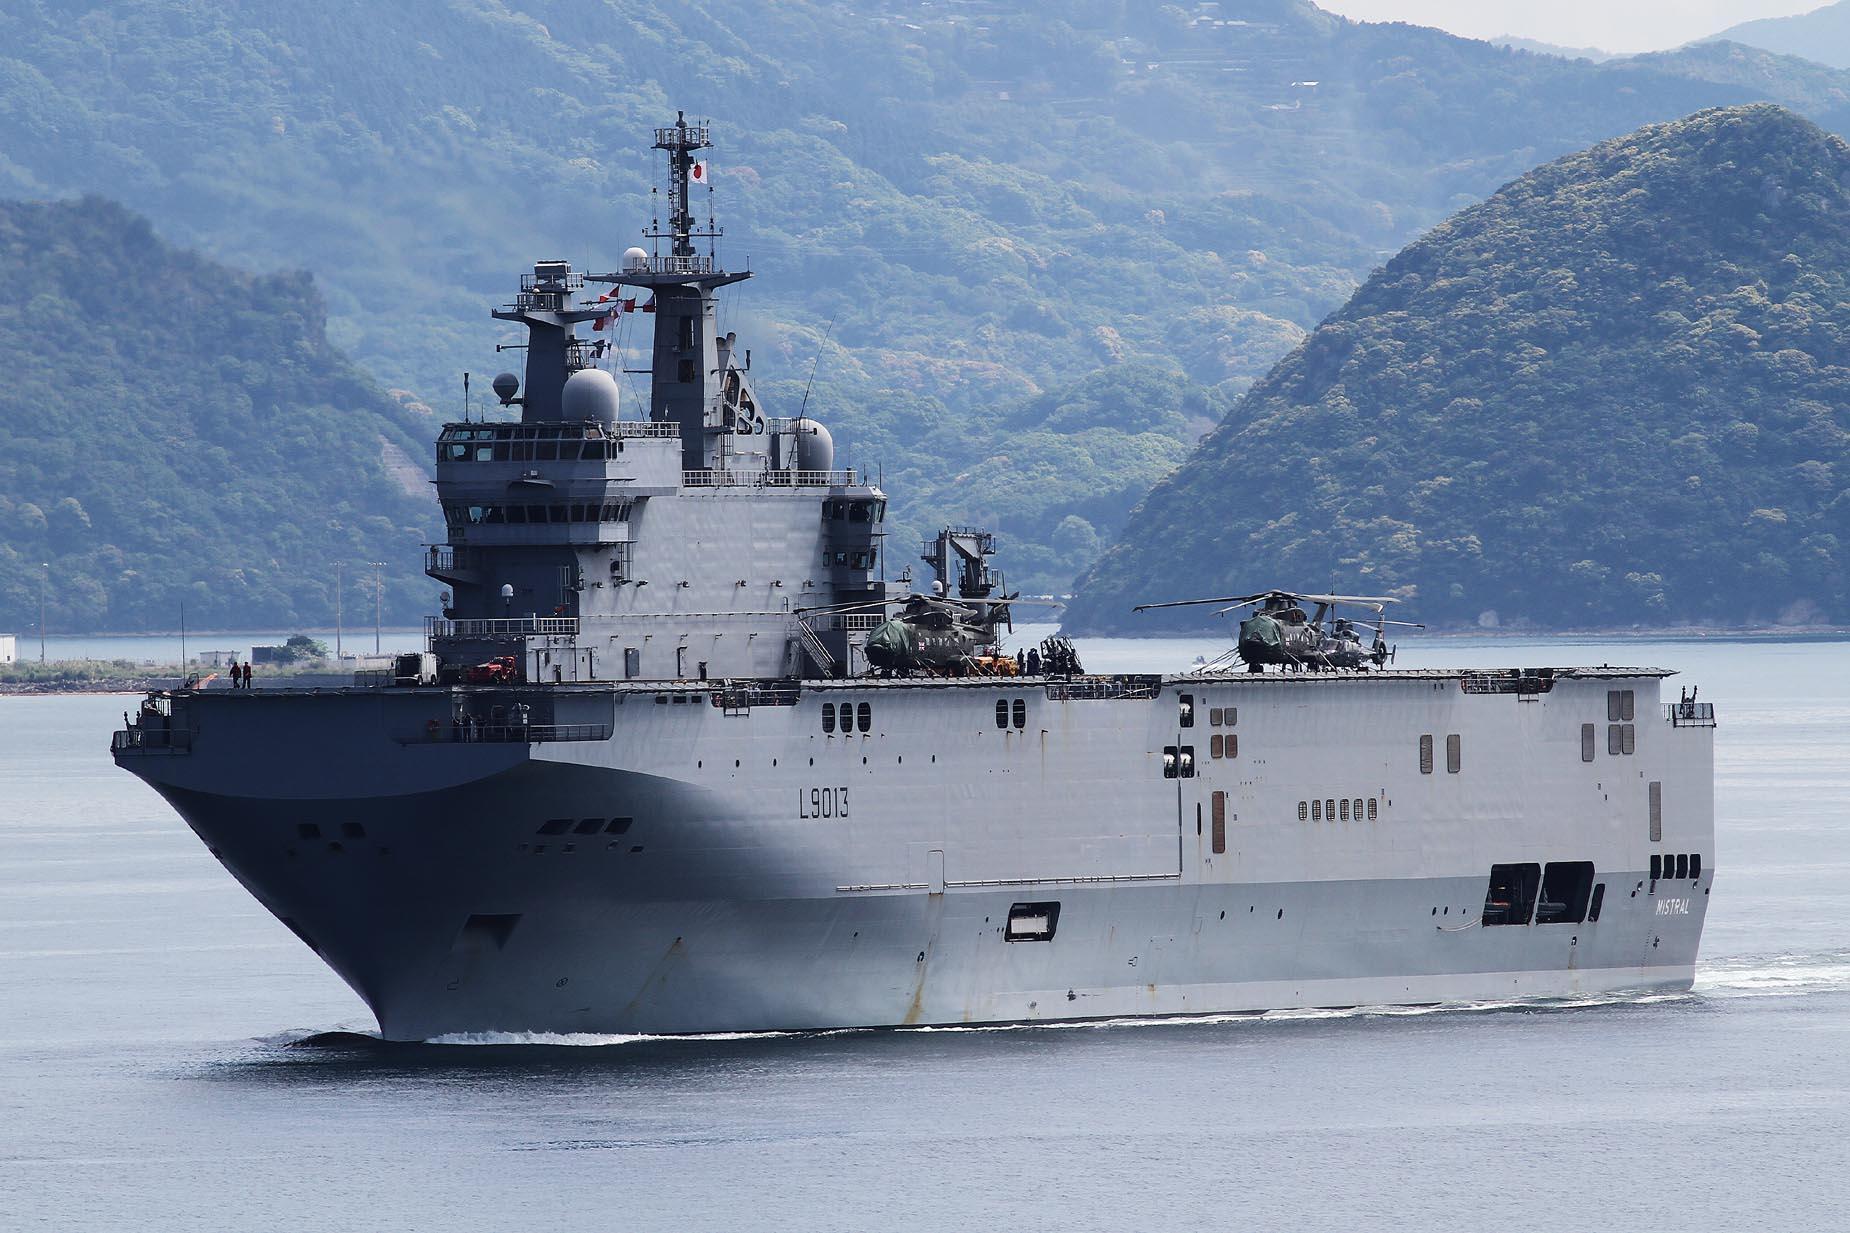 2017年5月5日佐世保を出港するミストラルFS Mistral L9013